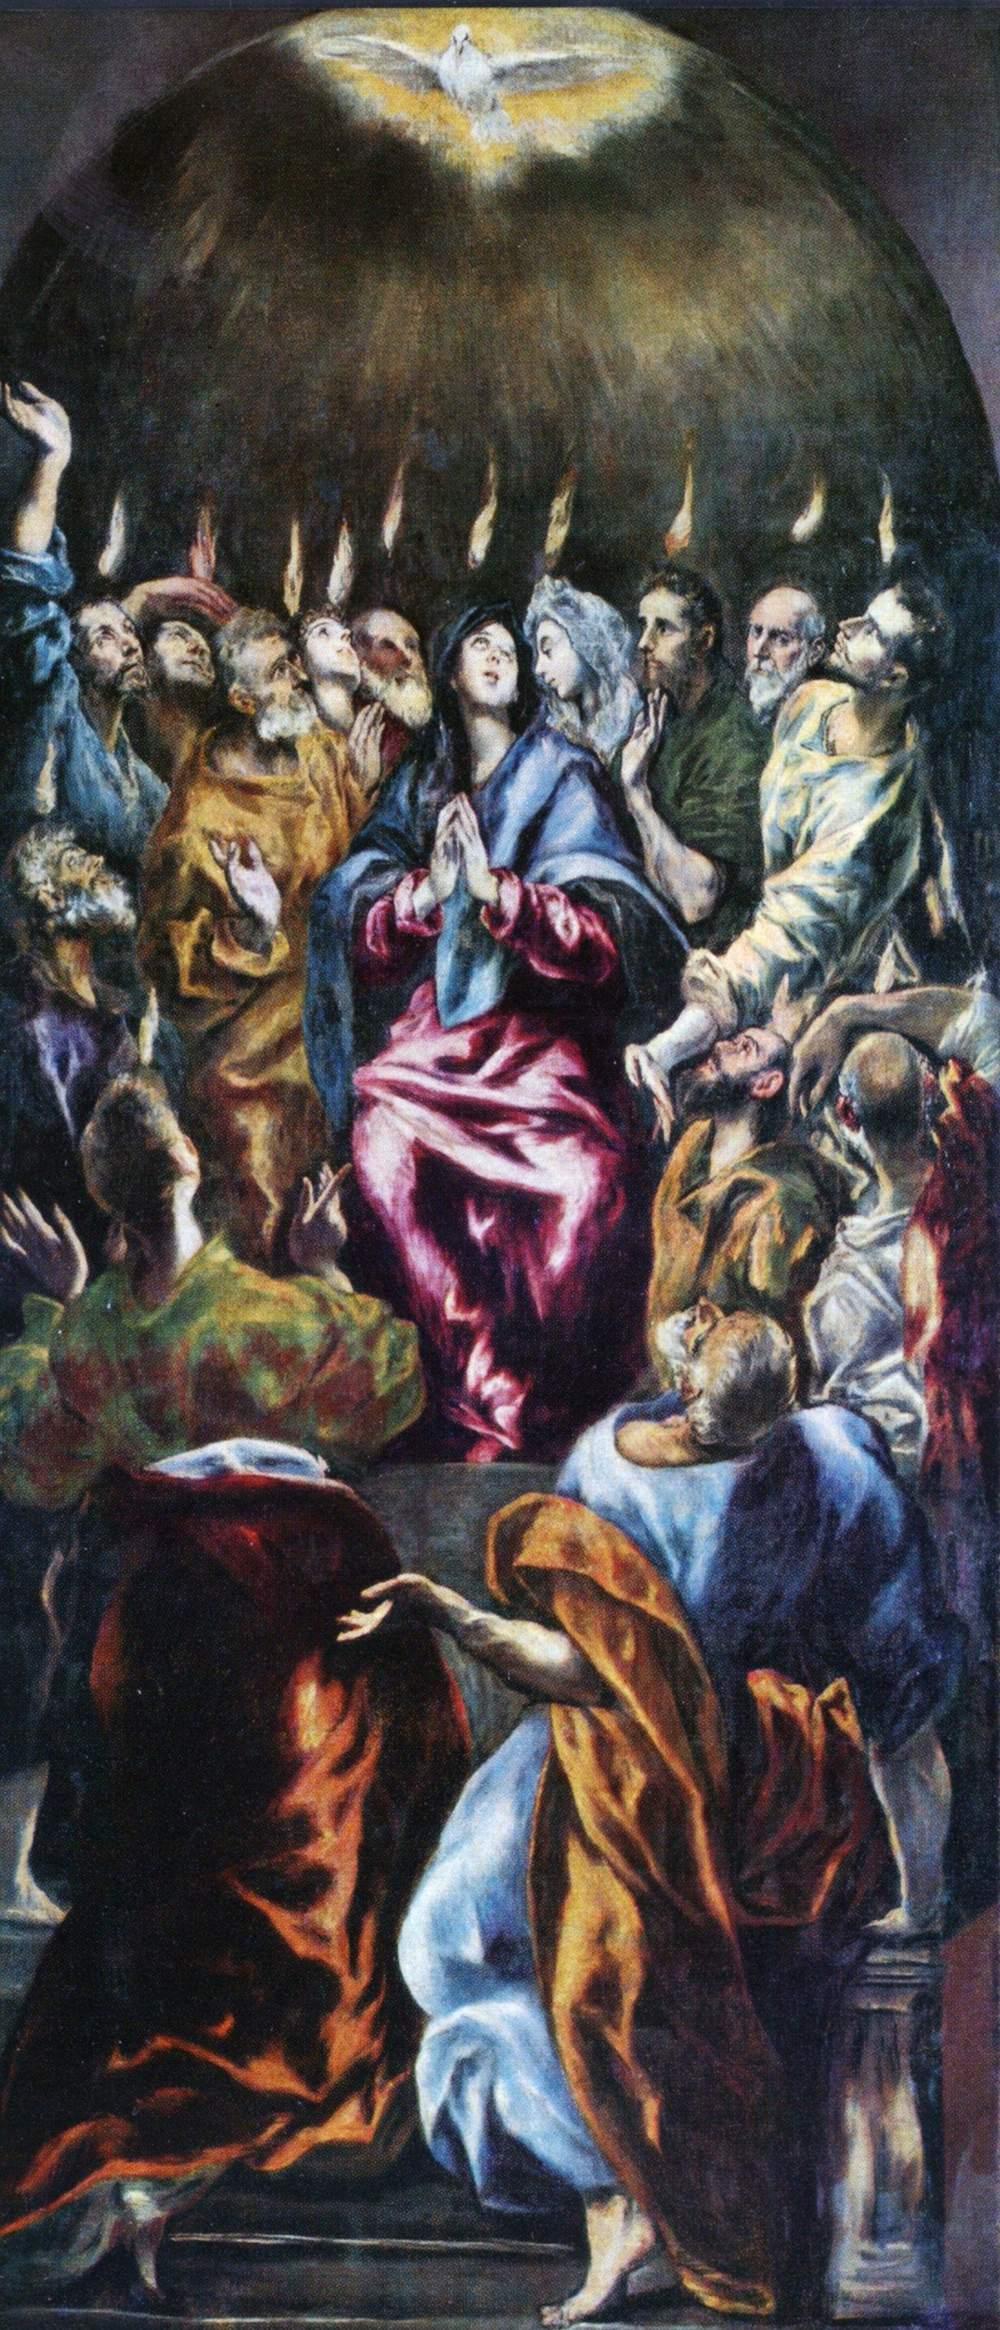 El Greco, Pentecost